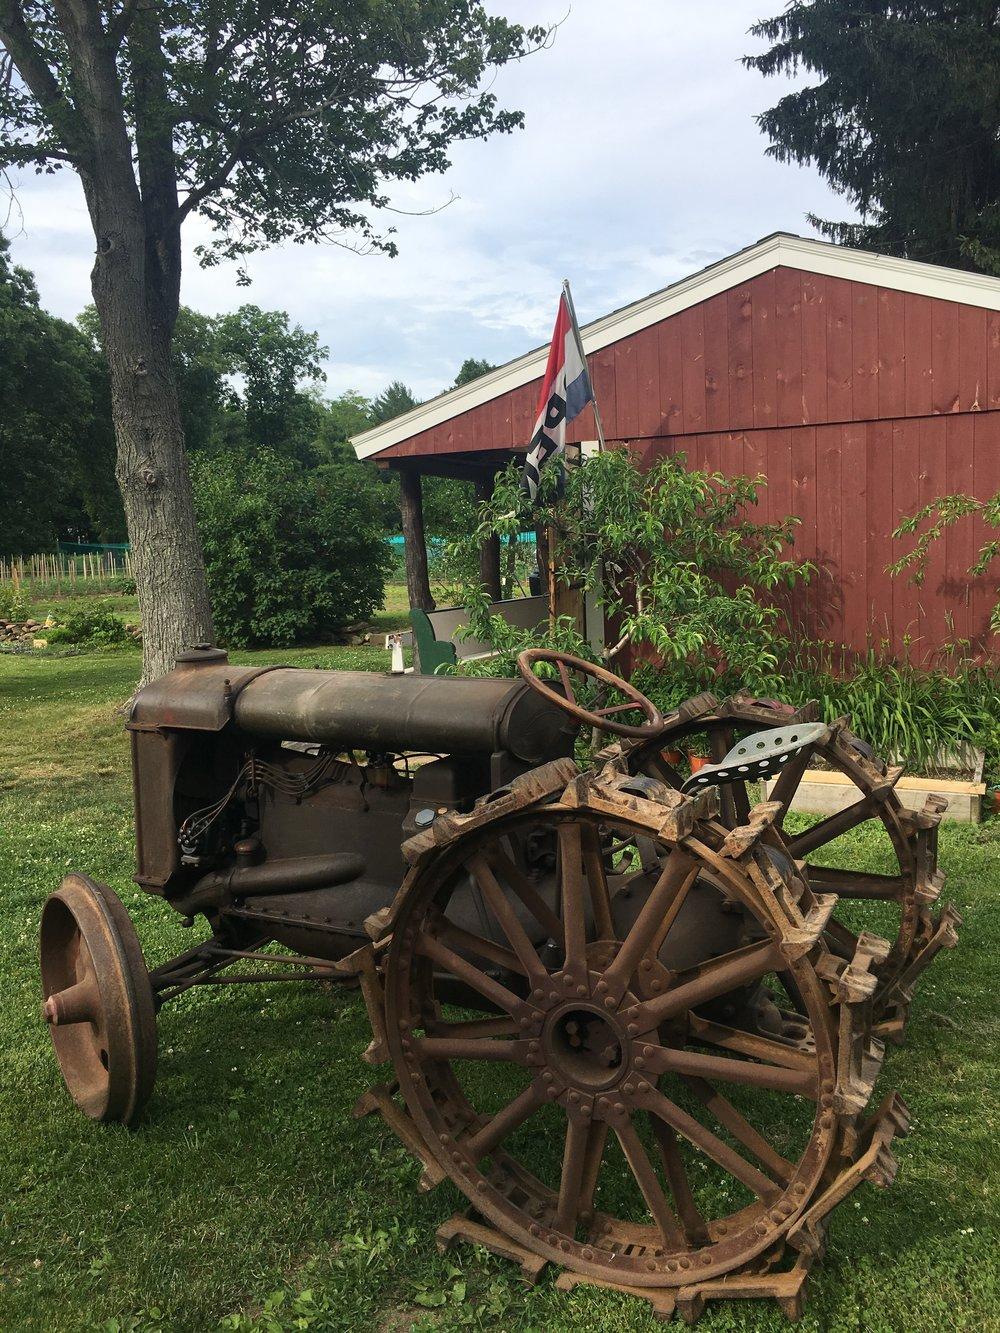 preli tractor 4.JPG